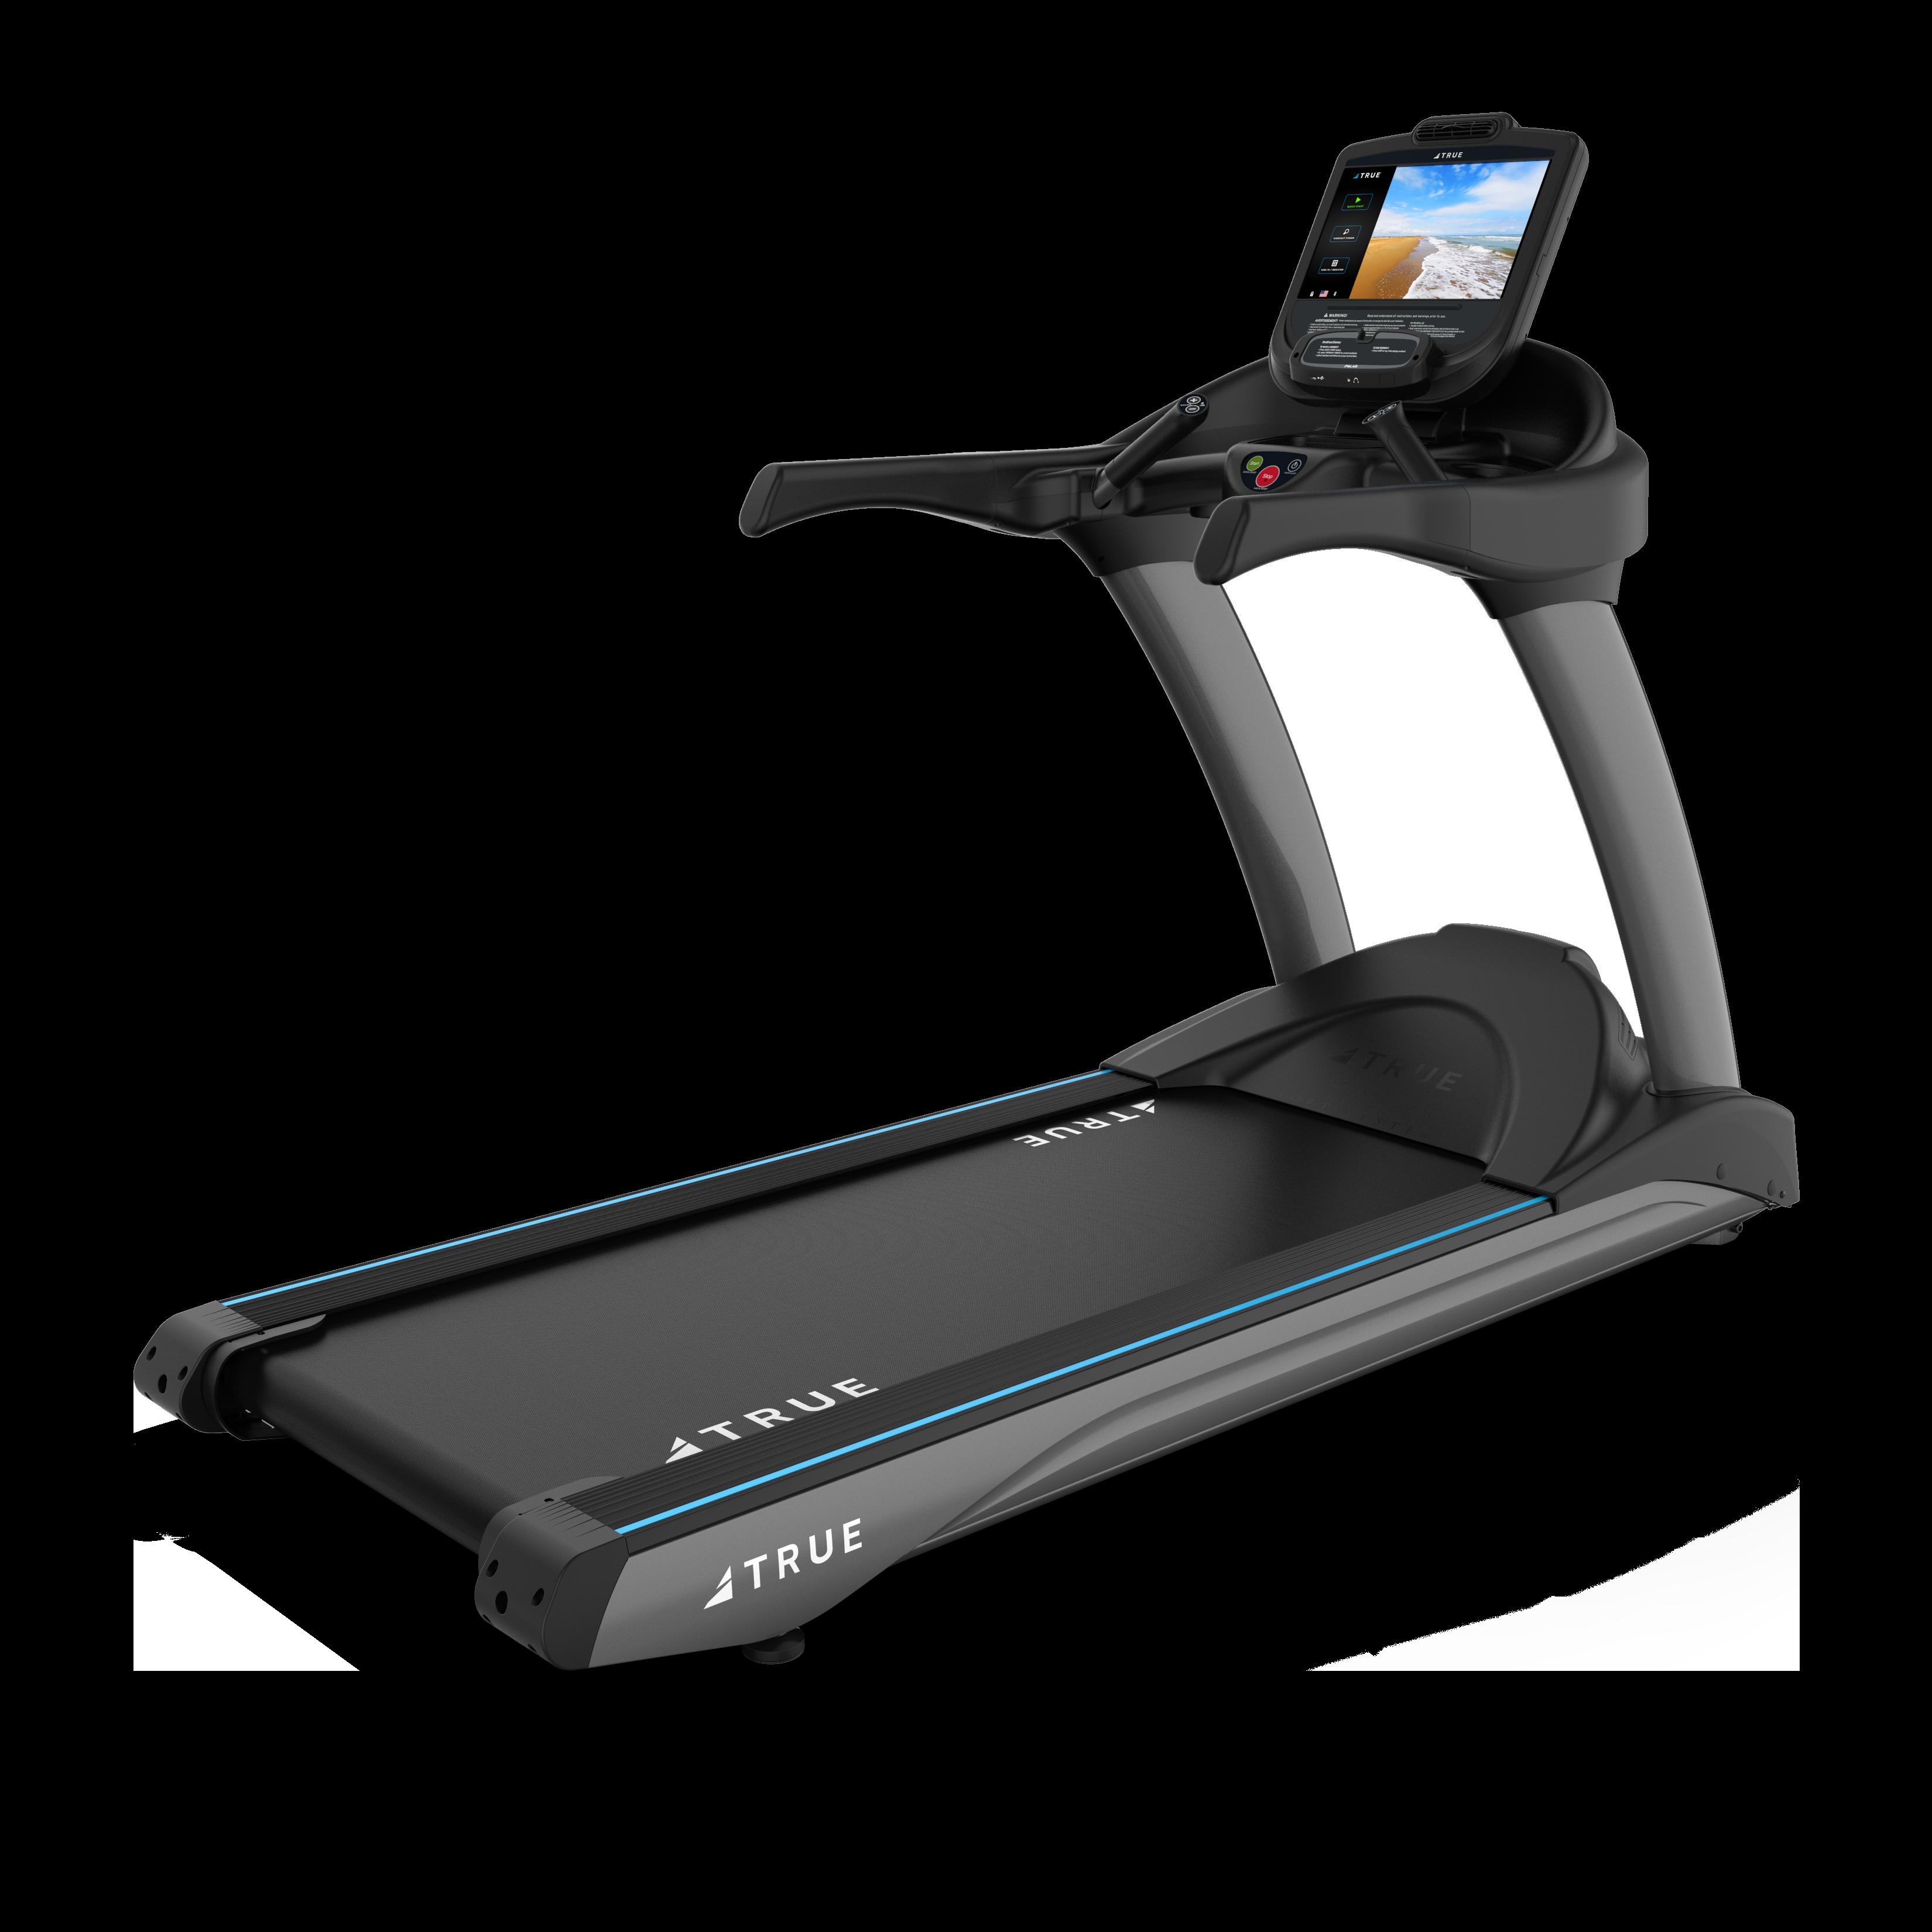 TRUE 650 Series Treadmill